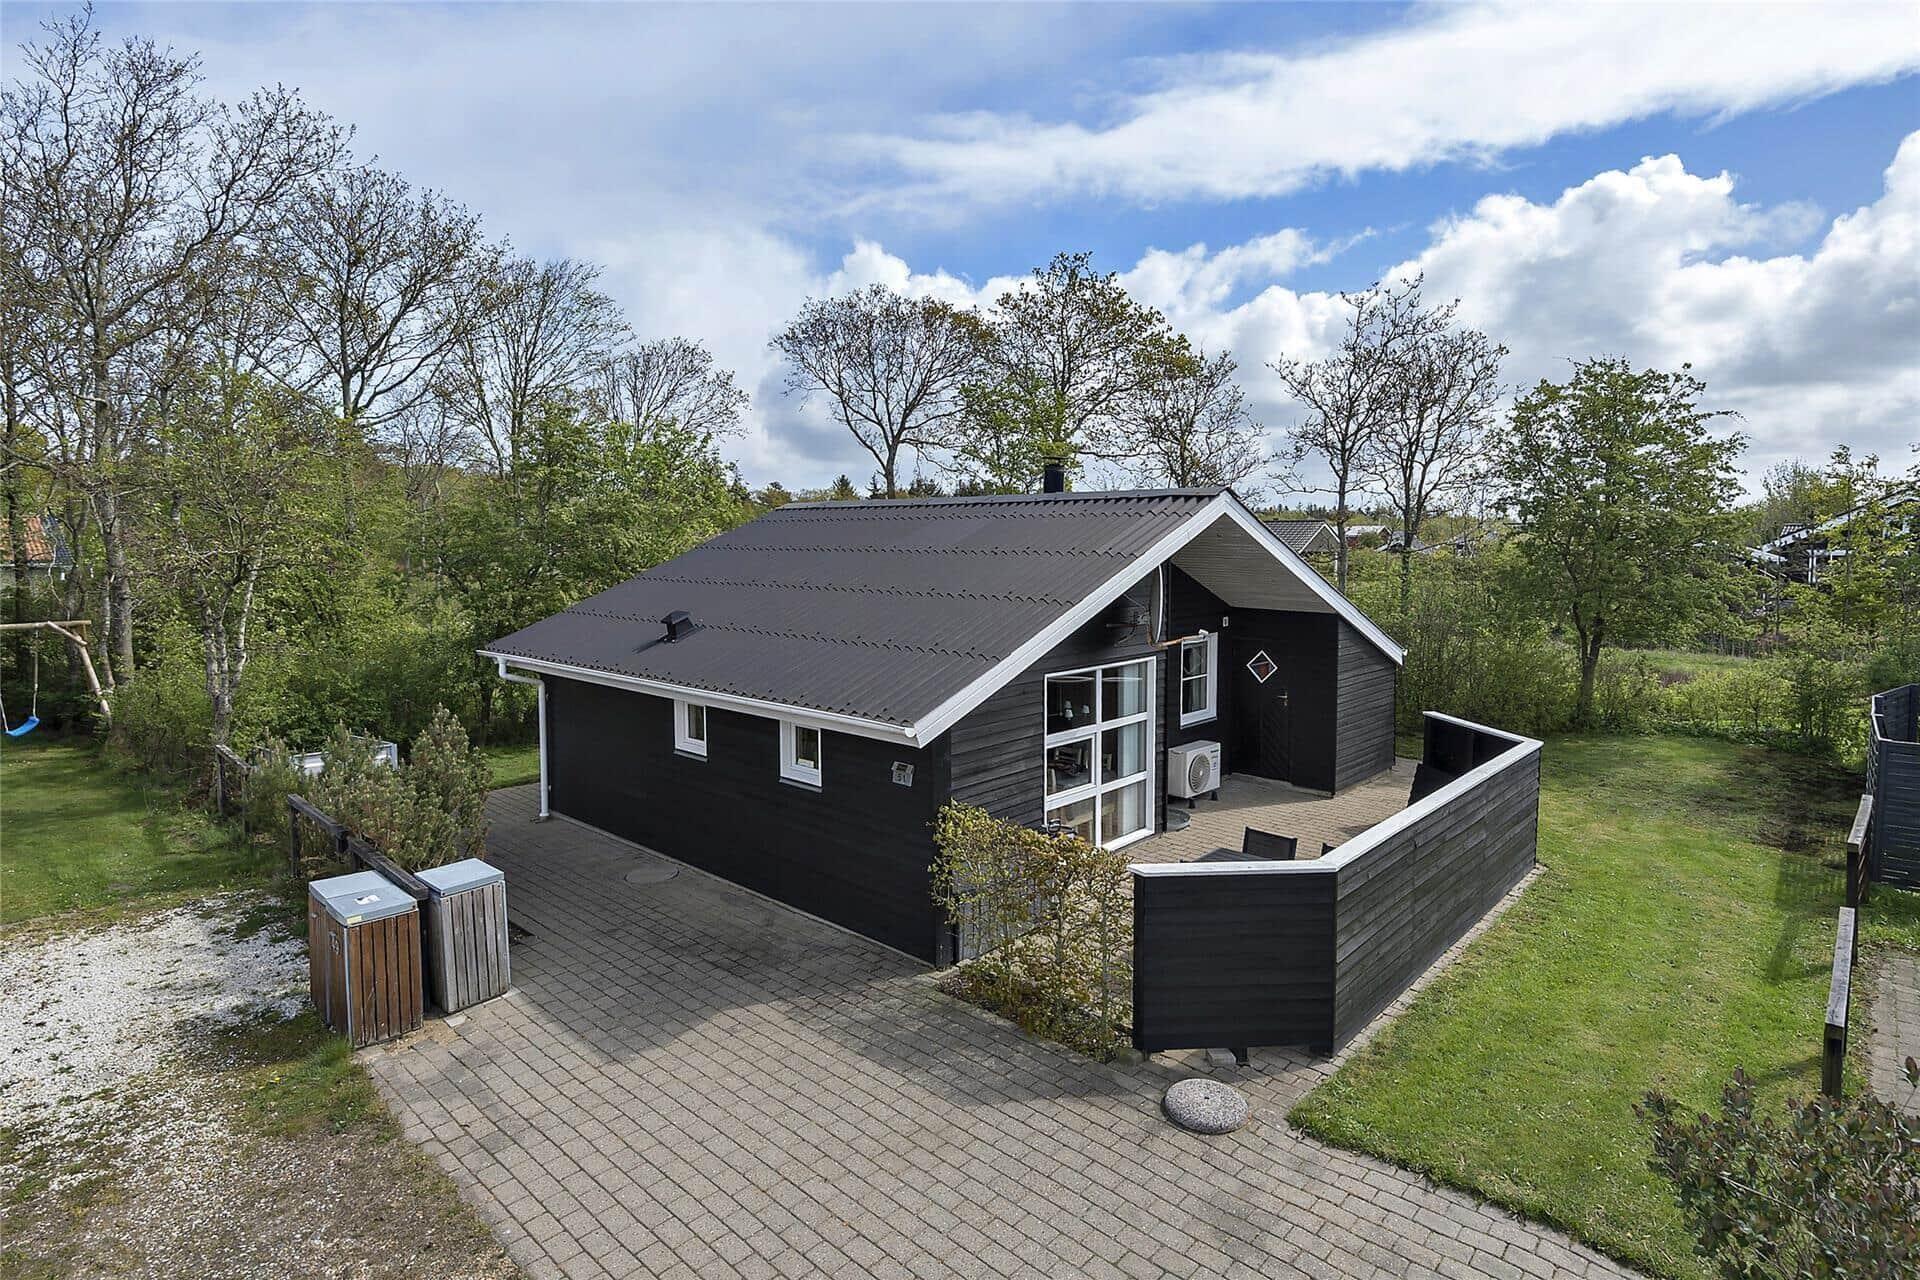 Billede 1-22 Sommerhus C11110, Bork Hytteby 51, DK - 6893 Hemmet